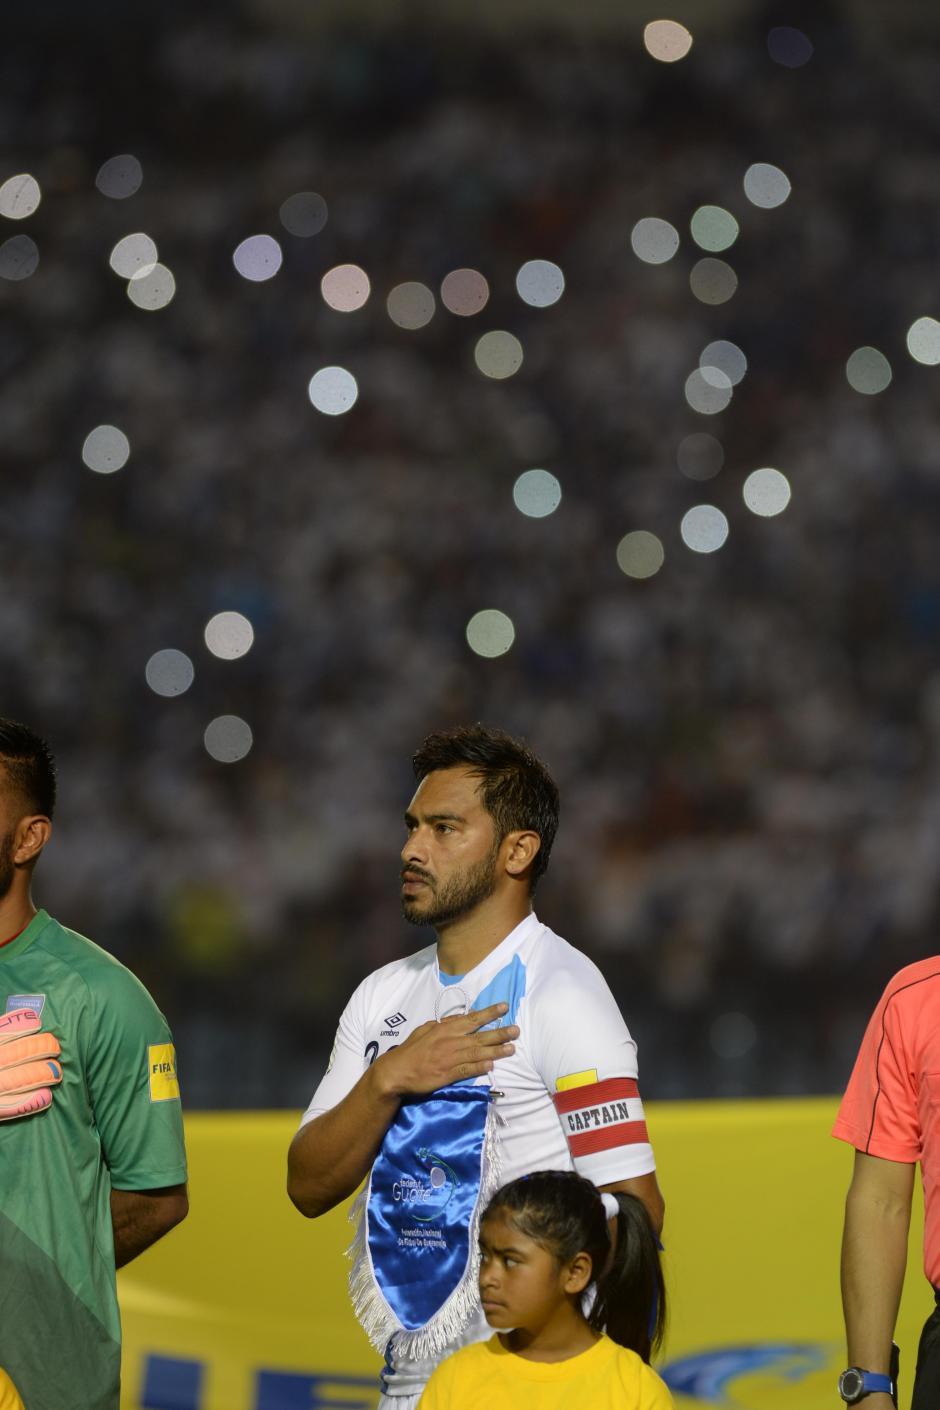 Carlos Ruiz se lució hasta el minuto 85 cuando salió del juego (Foto: Diego Galiano/Nuestro Diario)